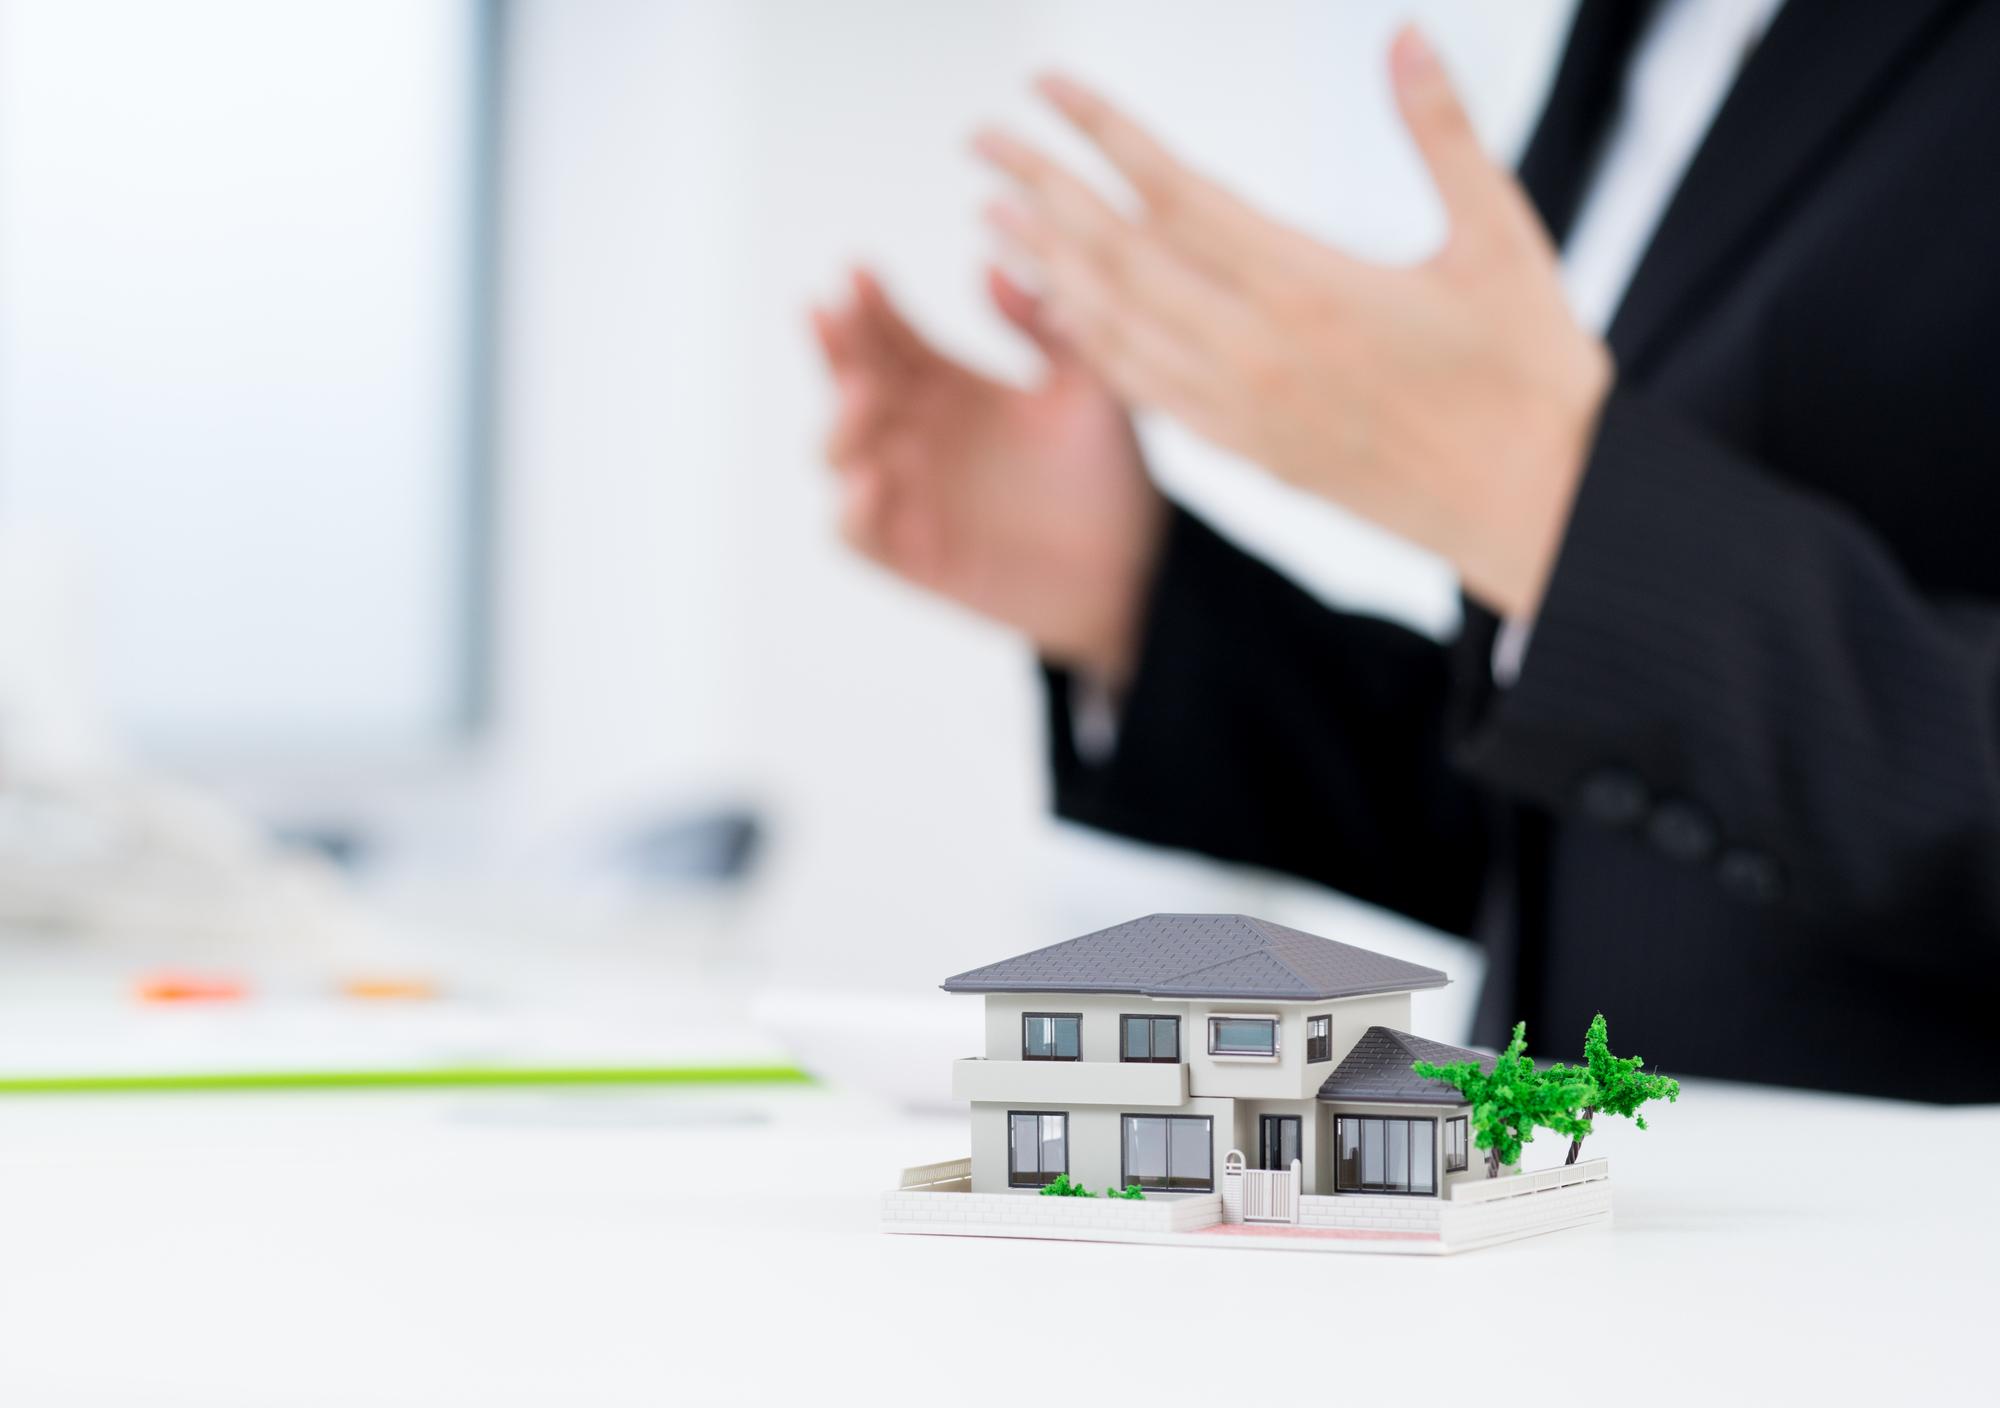 ハウスメーカーの解約(契約解除)はできる?違約金が発生するタイミングや返金について解説【専門家監修】